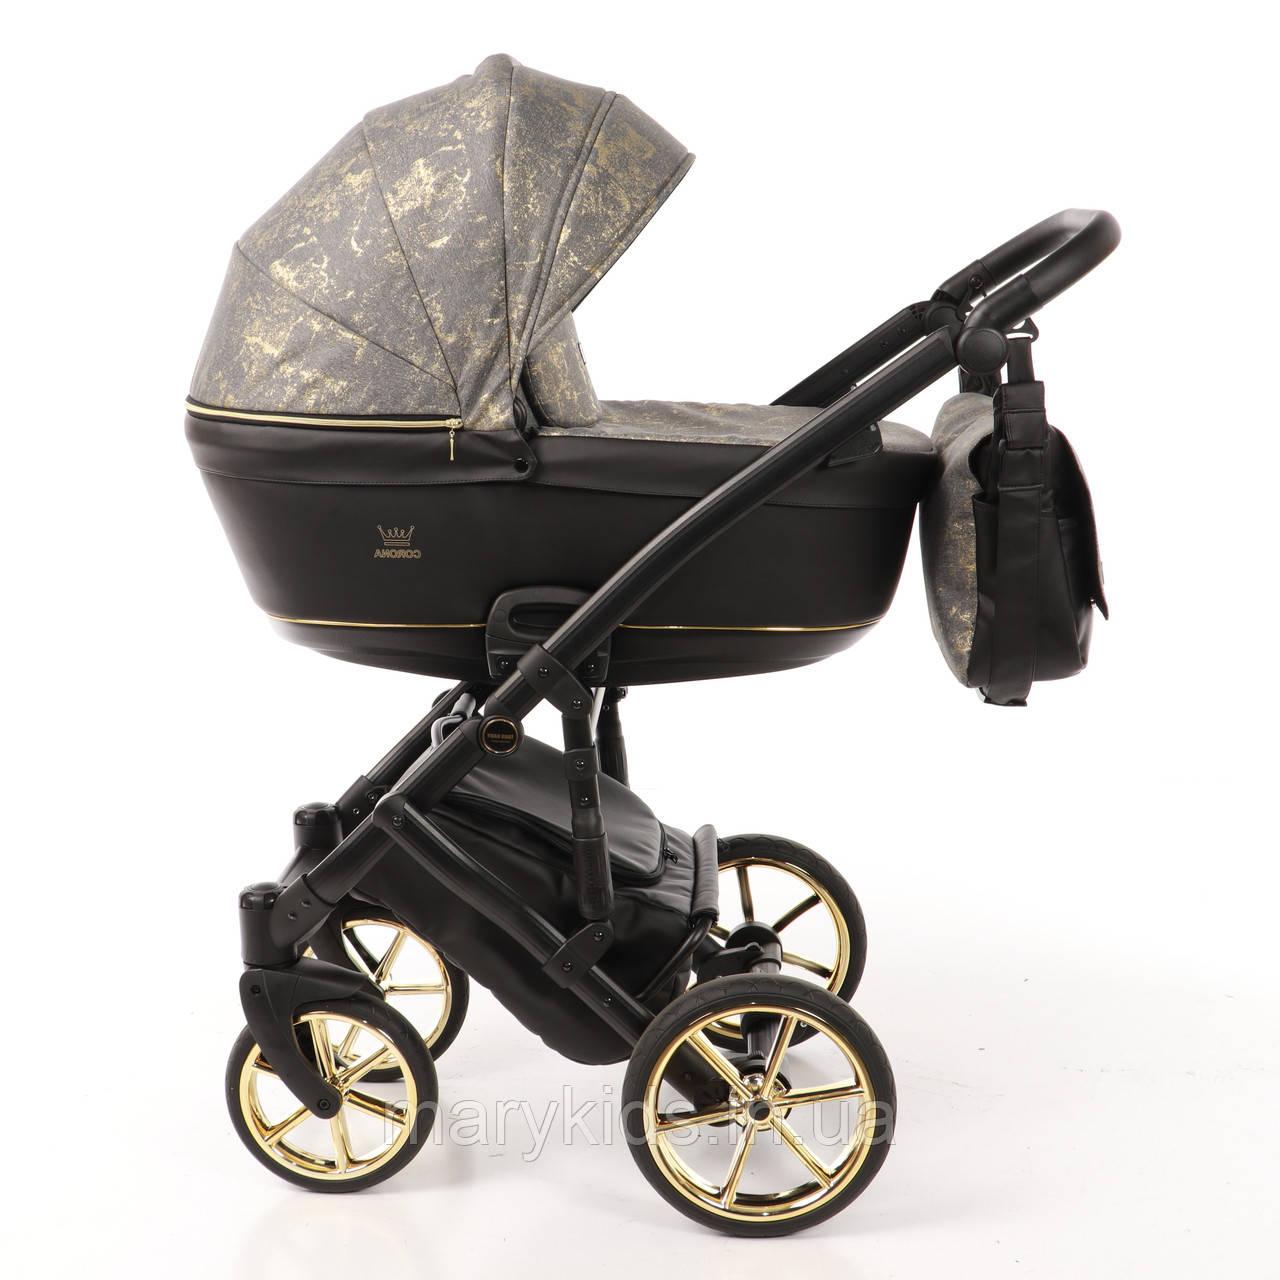 Детская универсальная коляска 2 в 1 Tako Corona Angabowana 02